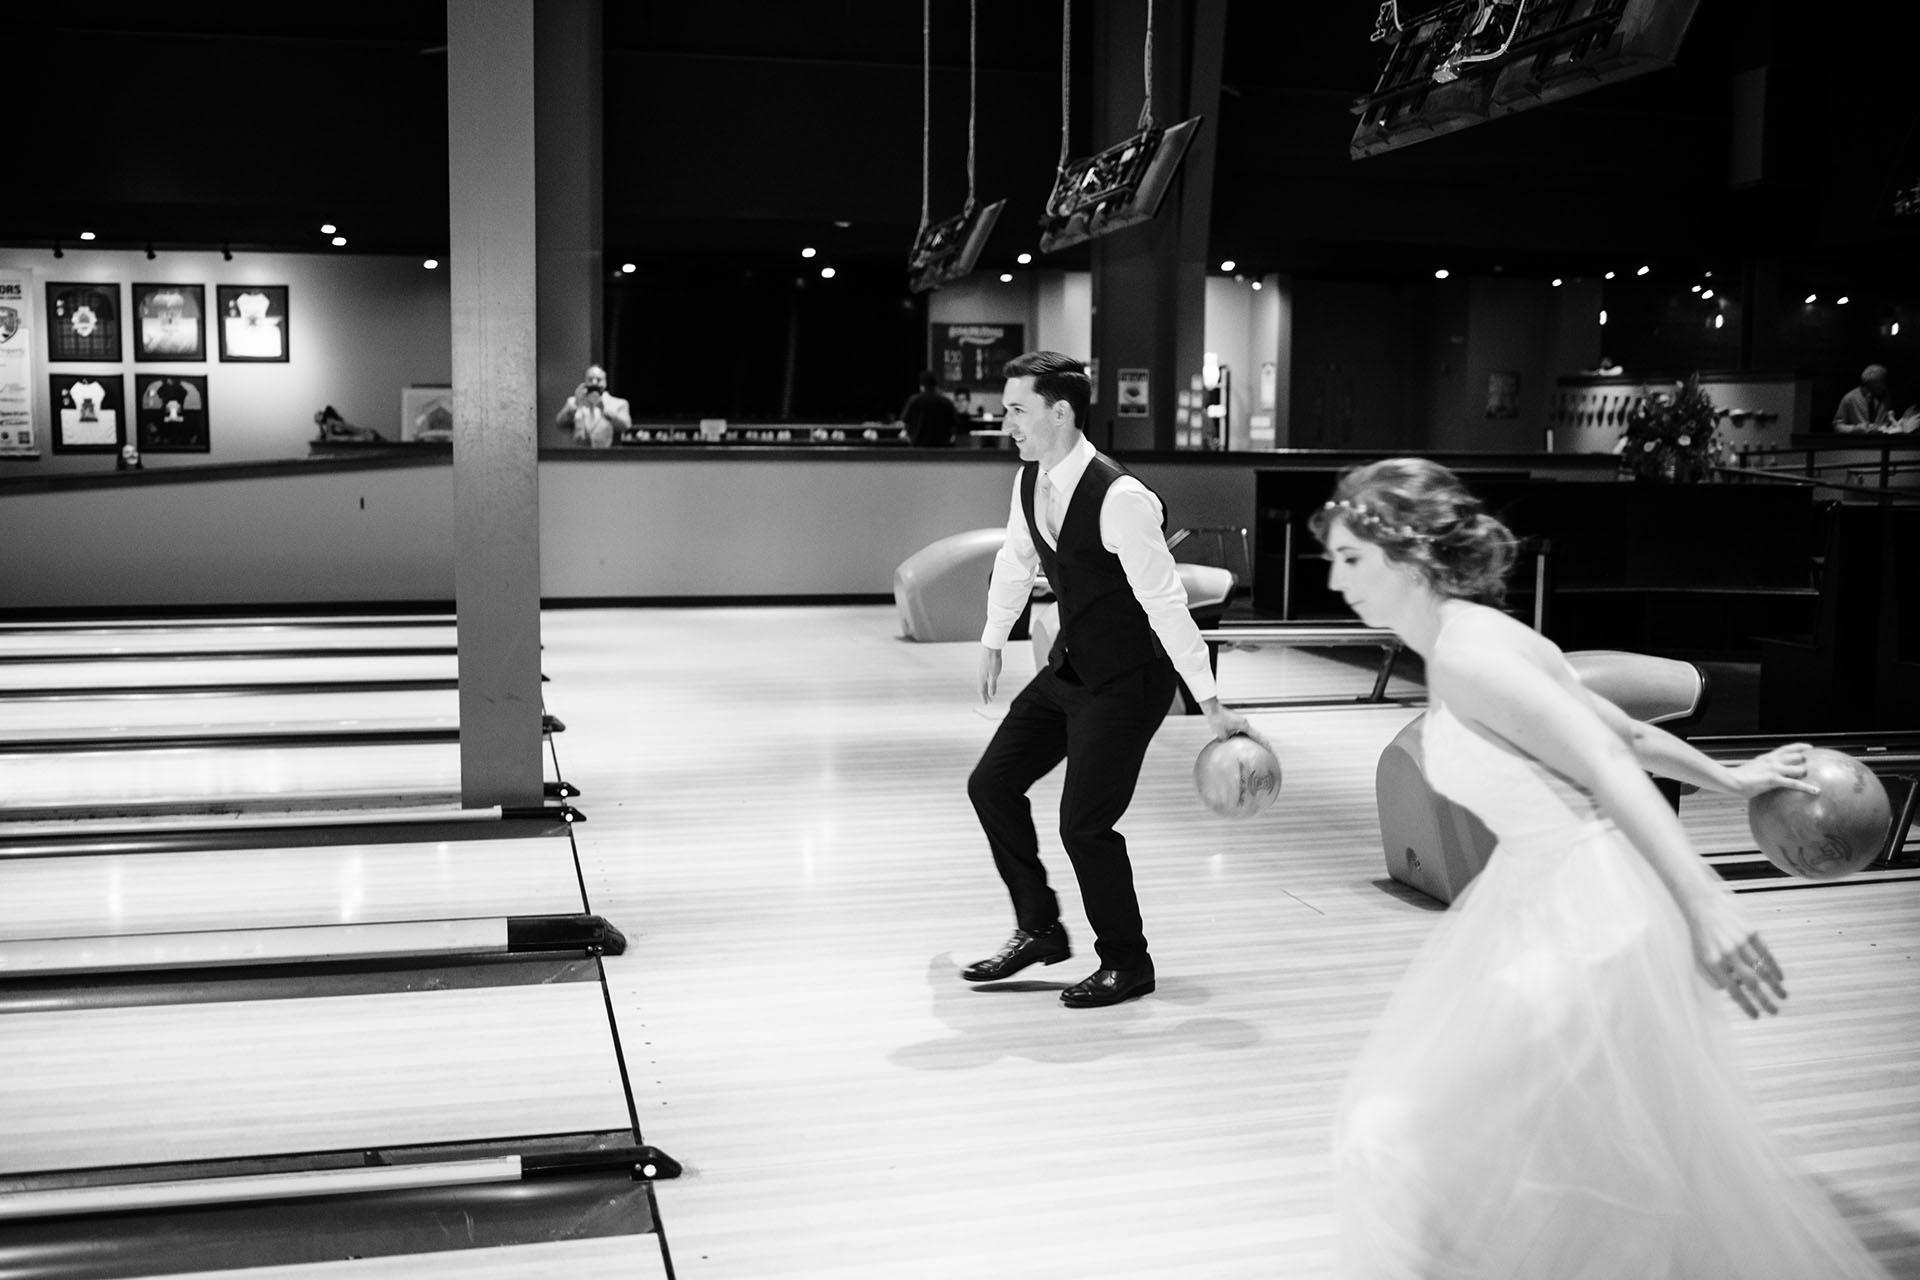 bayside-bowl-portland-wedding-61